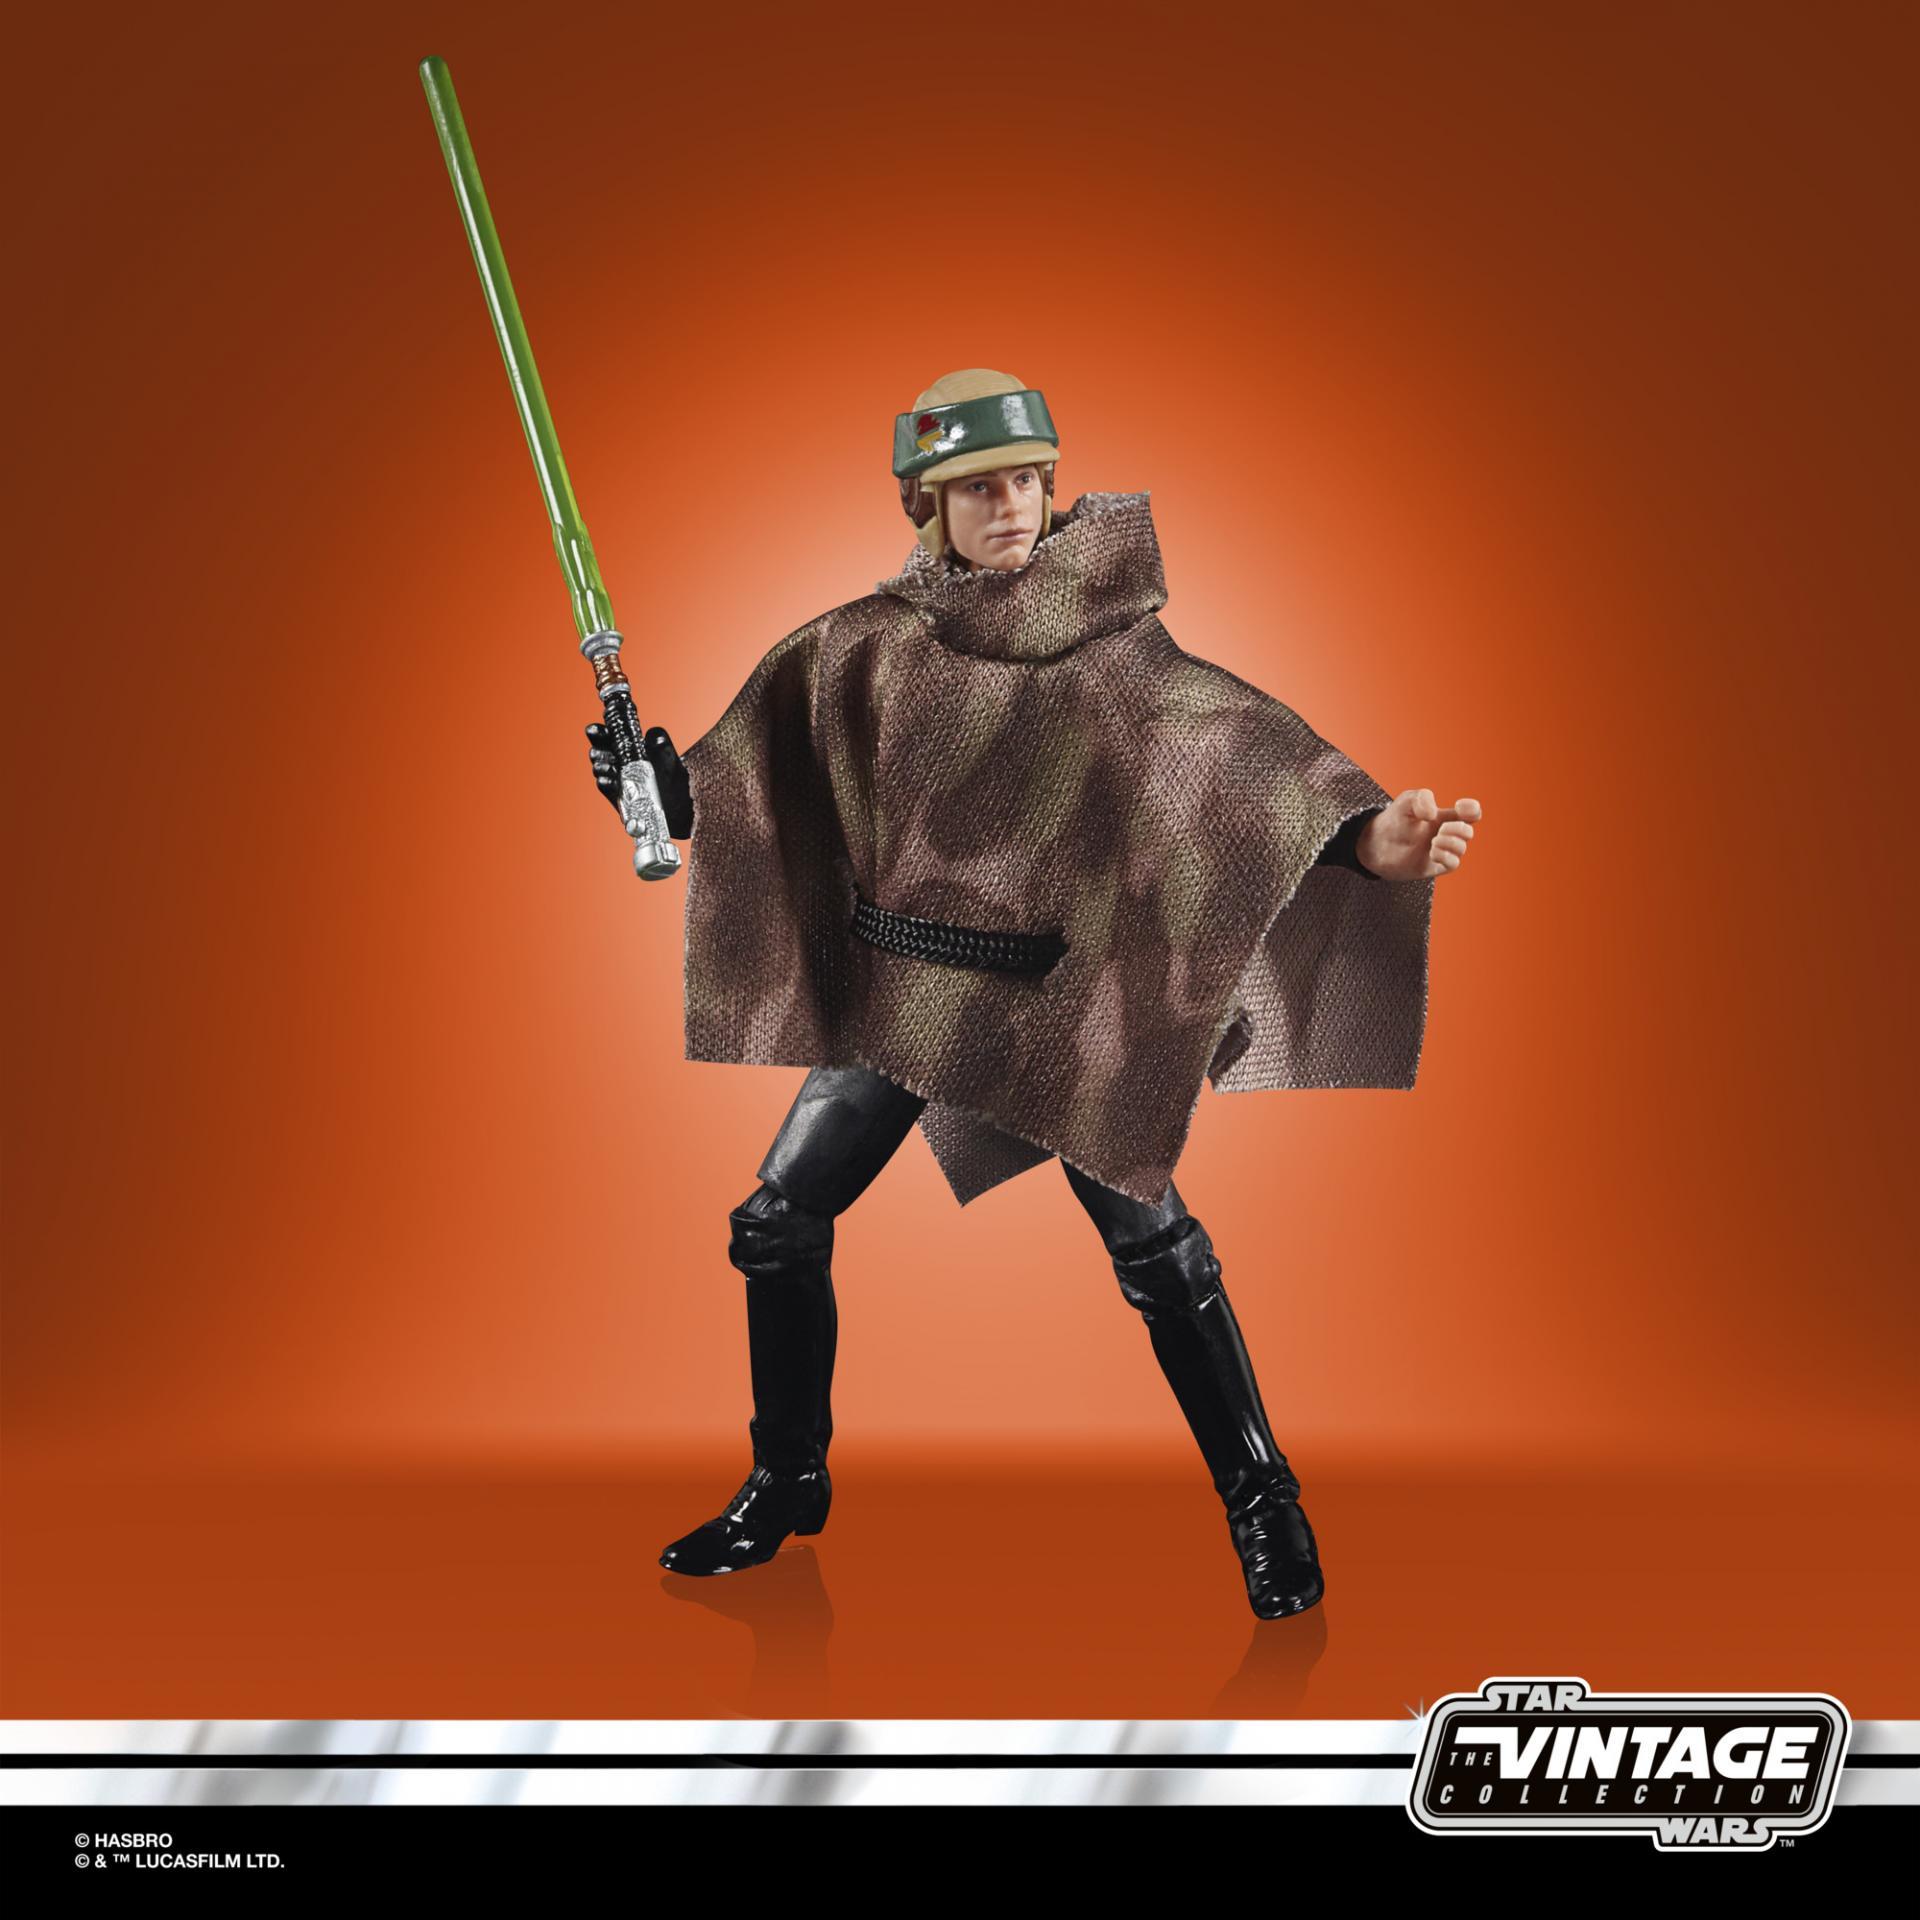 Star wars the vintage collection luke skywalker endor 7